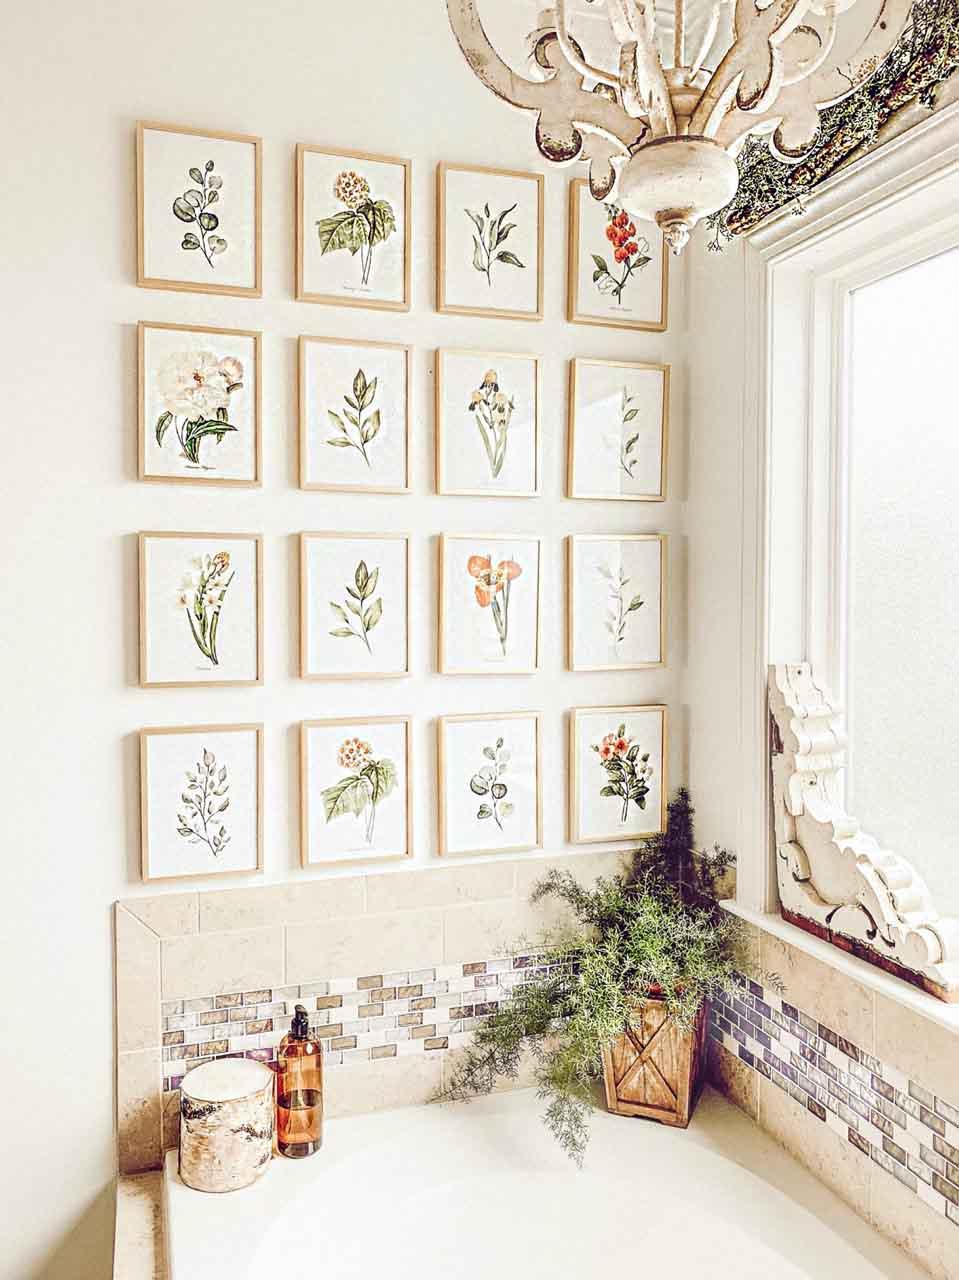 تزیین دیوار دستشویی با تابلوهای گل هم اندازه کوچک